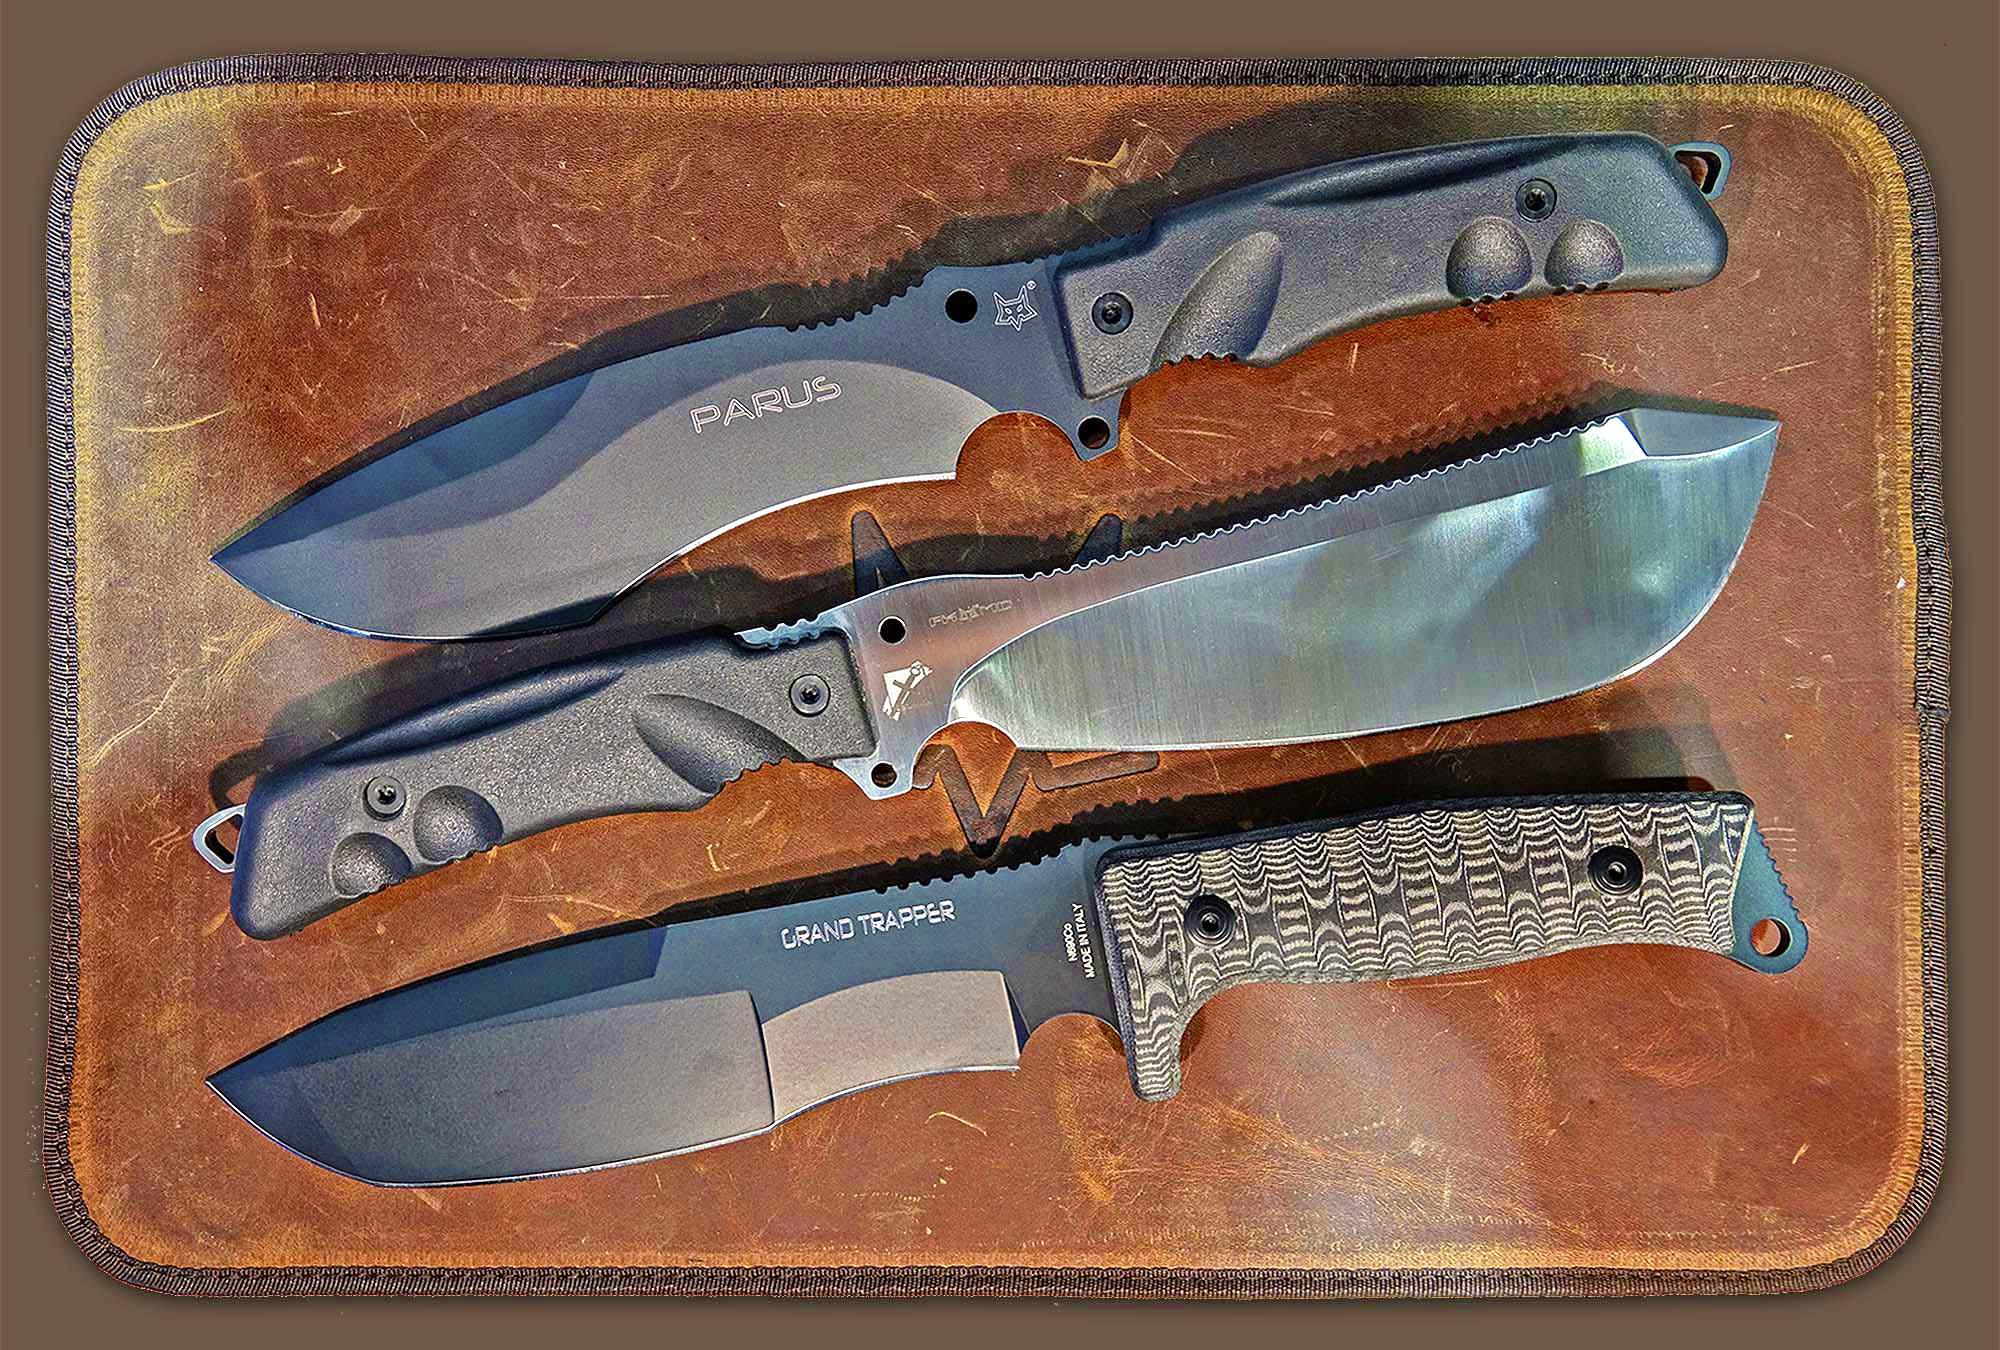 Boker USA now distributes FOX Knives | GUNSweek com